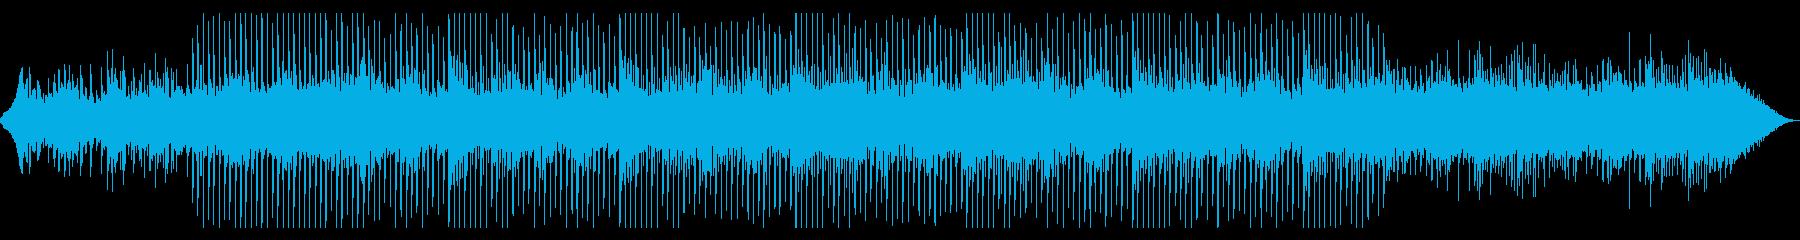 シンプル、さわやかで印象的なメロディの再生済みの波形